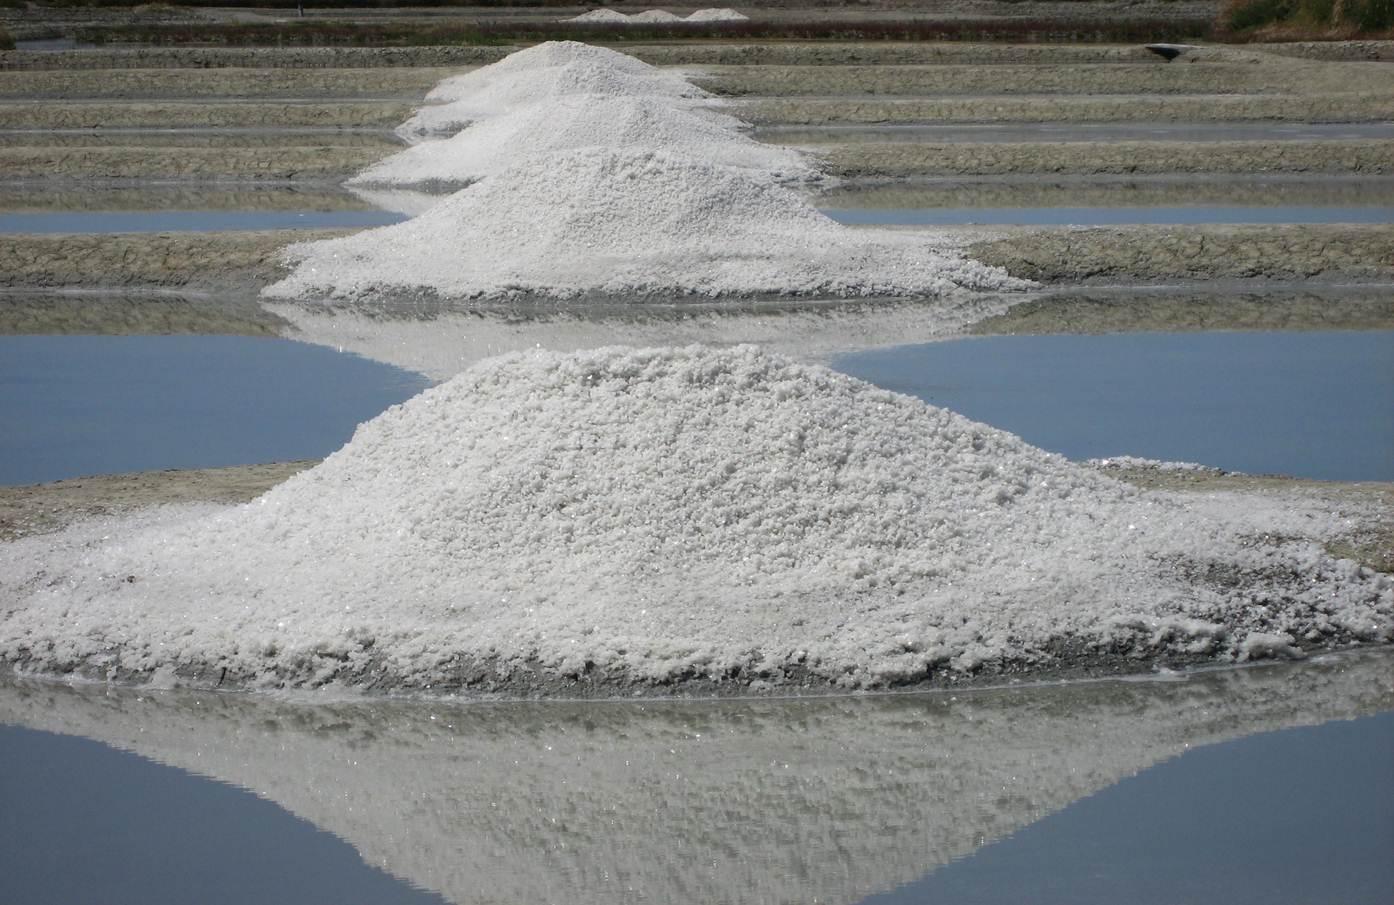 Le sel marin de Guérande, préservé par une indication géographique protégée (photo : Charles Perraud)